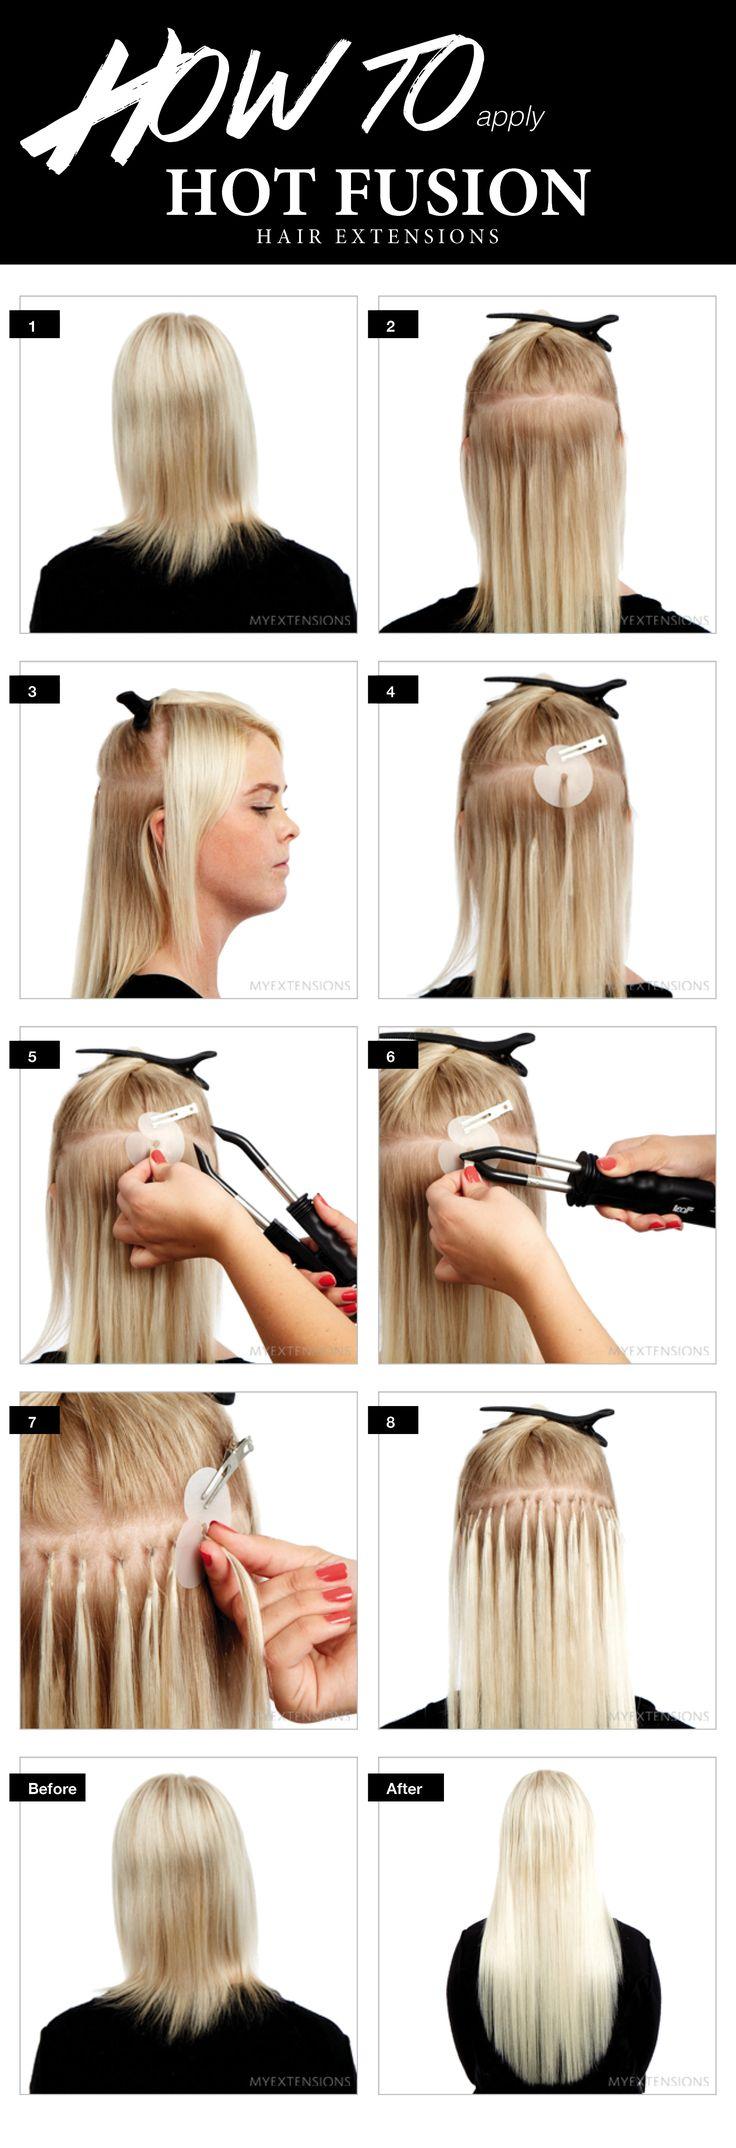 Step by step guide - Sådan påsætter du hot fusion hair extensions - se mere på http://www.myextensions.dk/da/paasaetning-af-hot-fusion